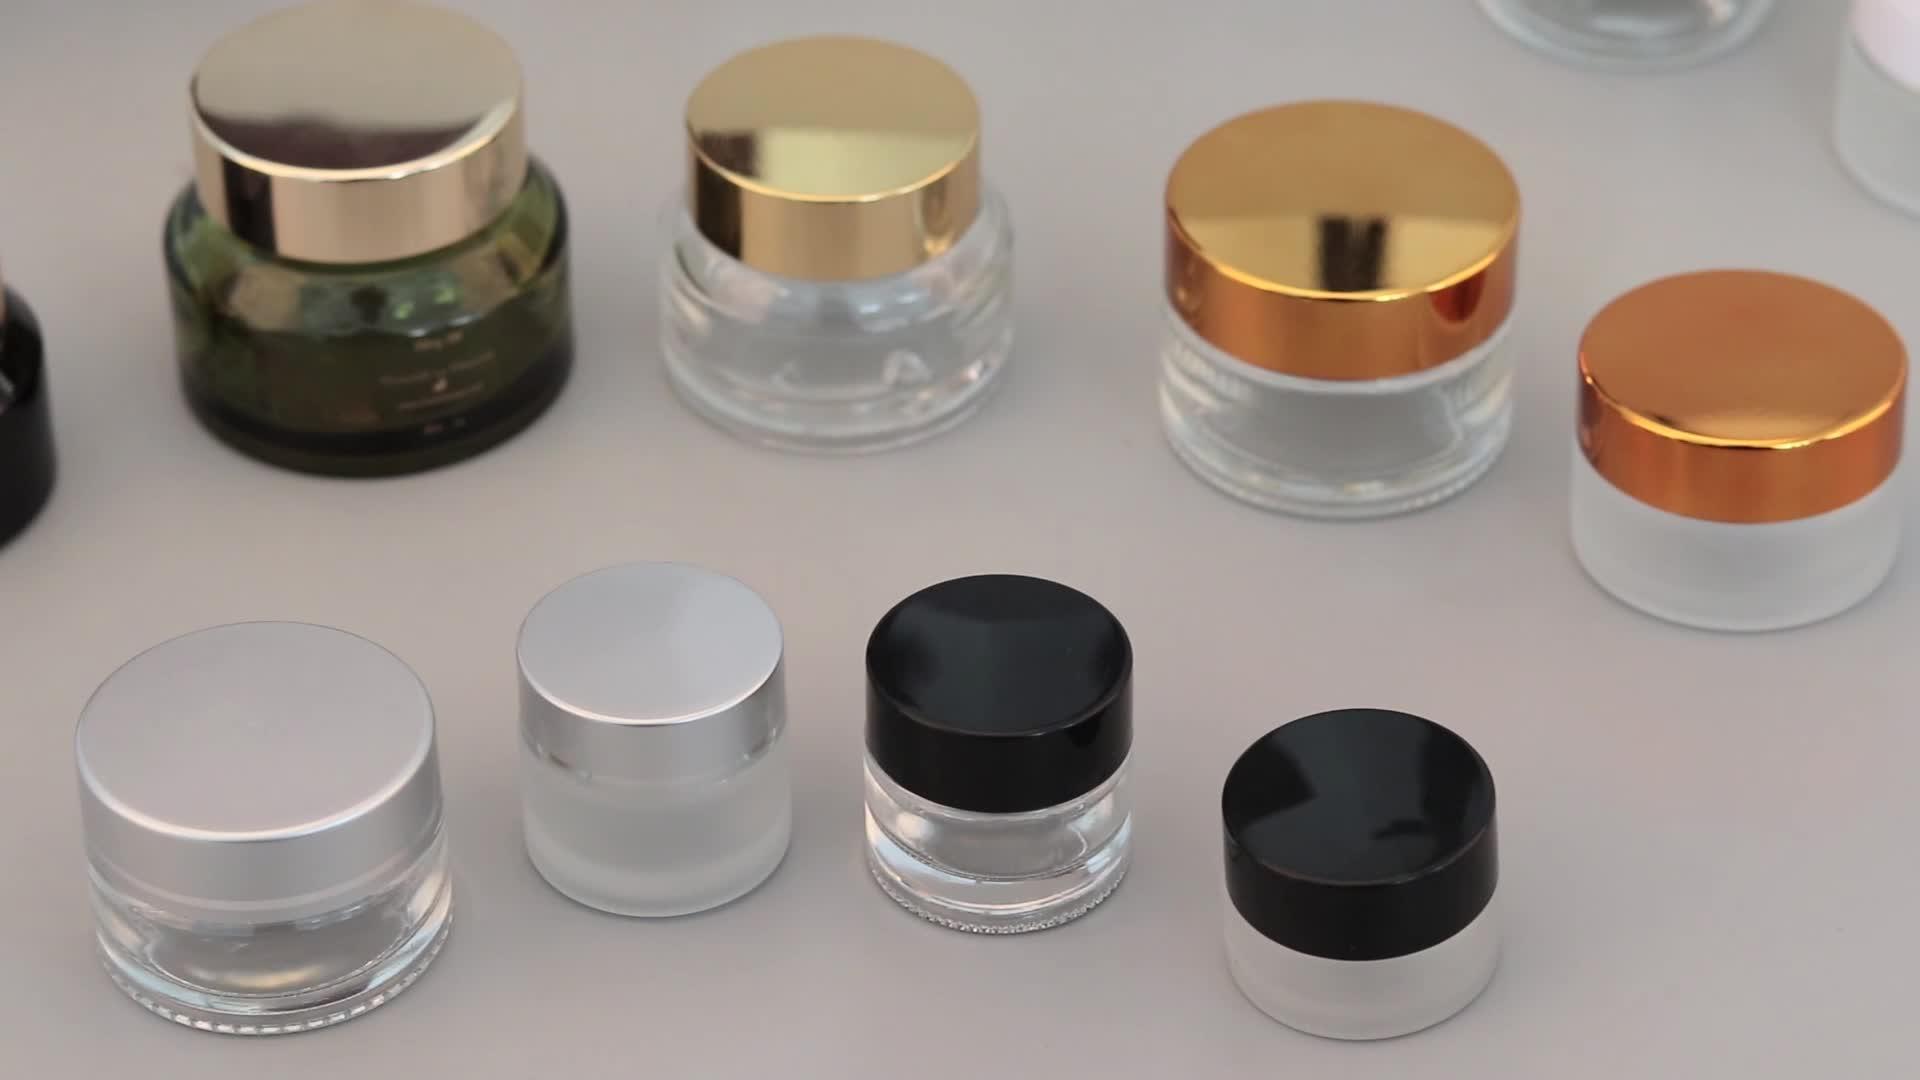 空つや消しクリアガラス化粧品クリーム 15 ミリリットルガラス瓶